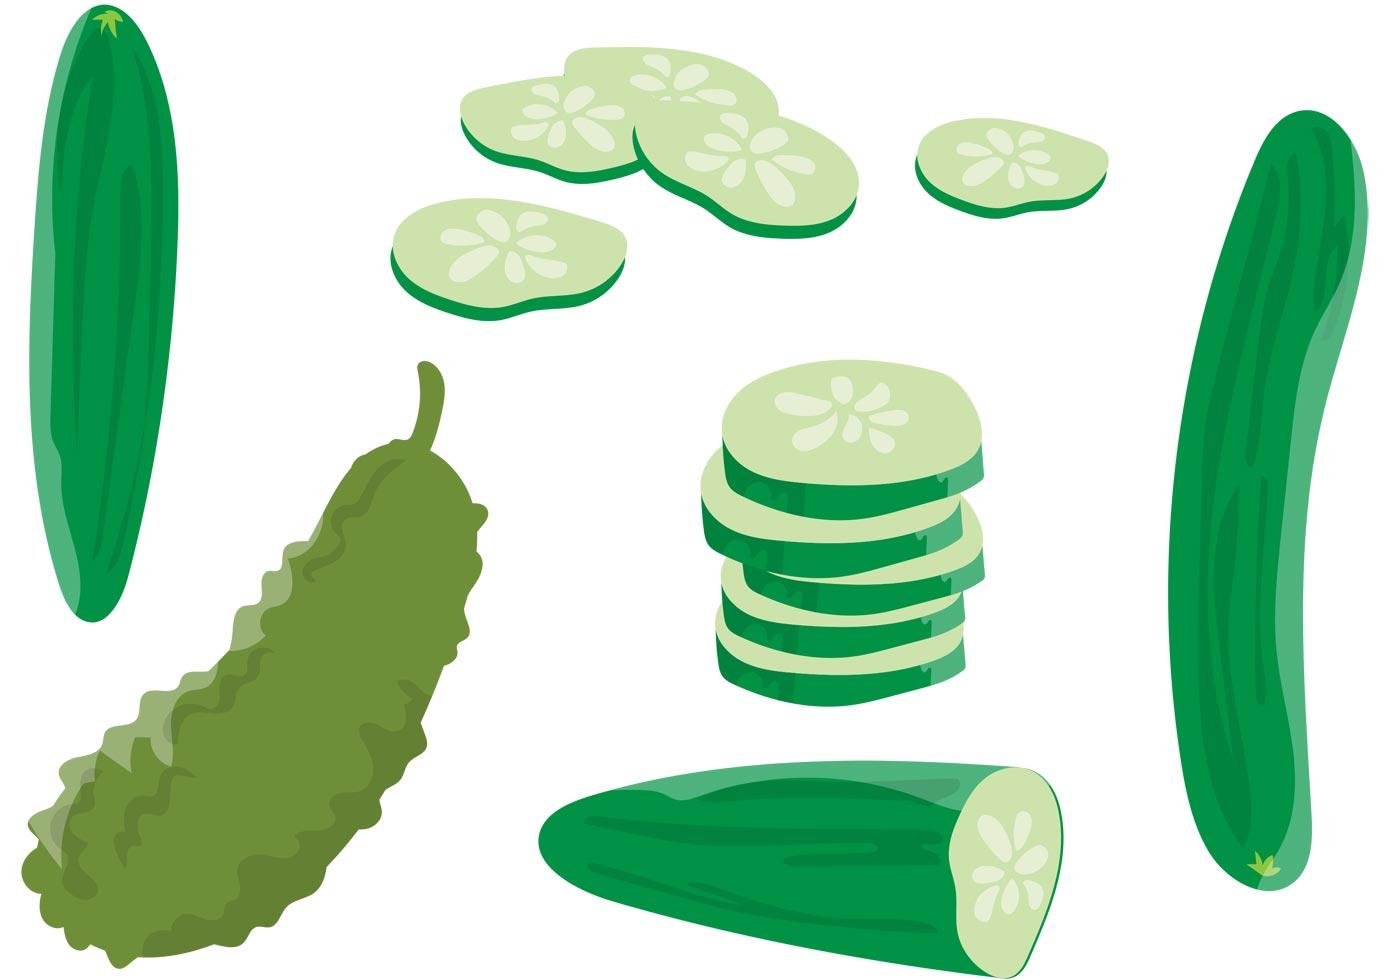 Cucumber Vectors - Download Free Vectors, Clipart Graphics ...